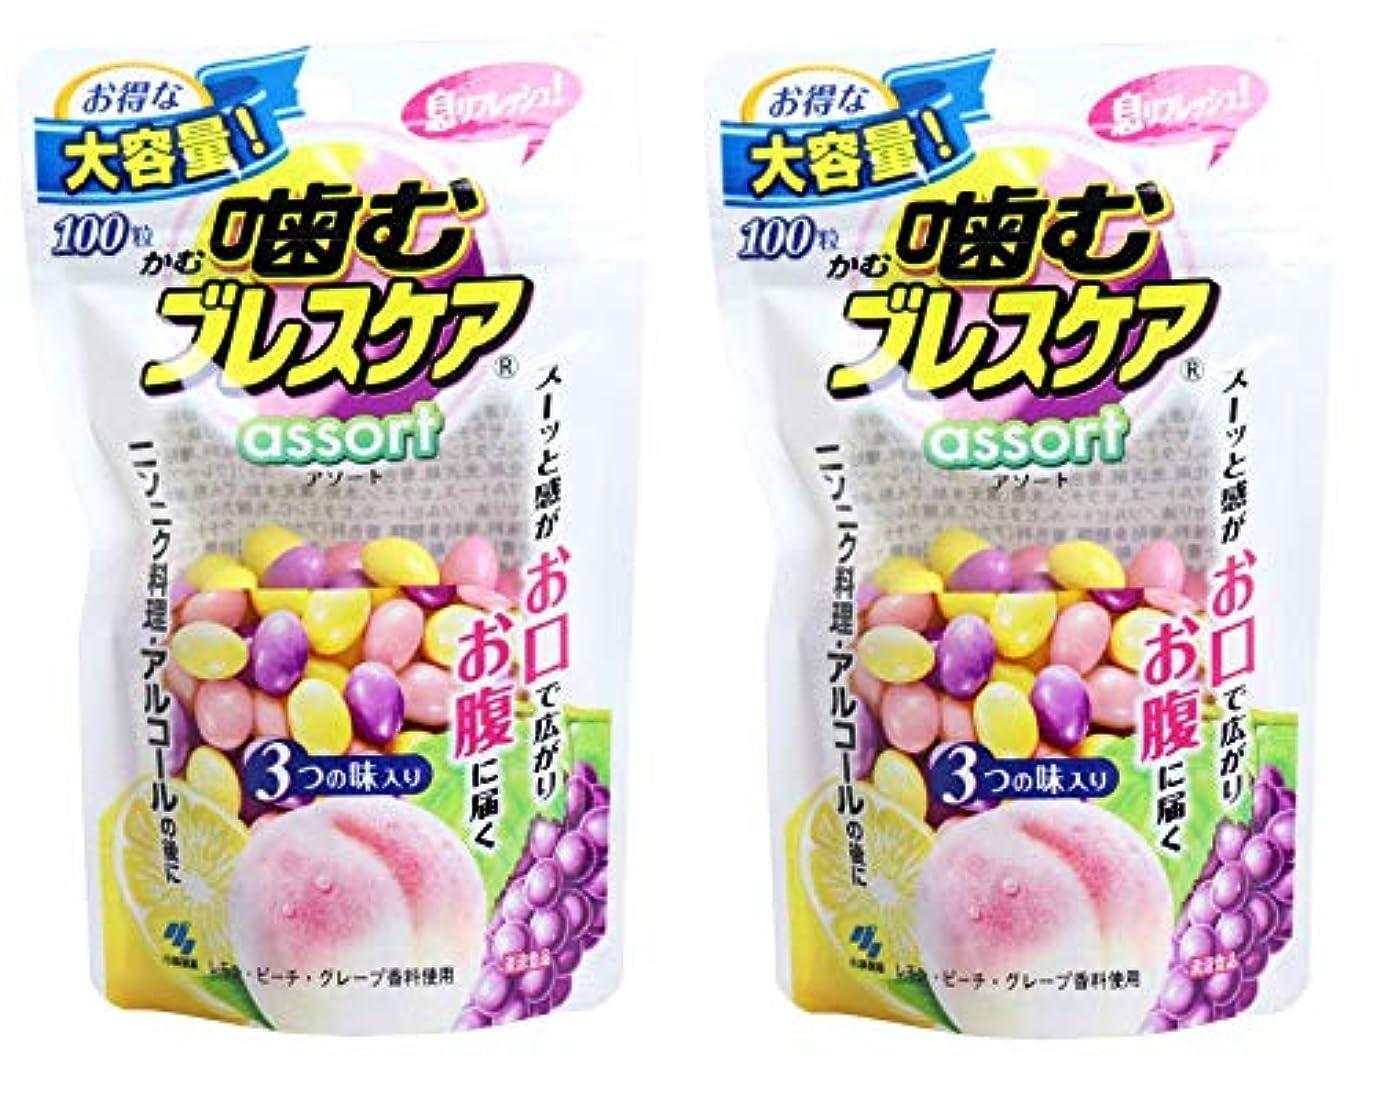 アソシエイトサバント求める噛むブレスケア 100粒パウチ アソート 100粒 2袋セット